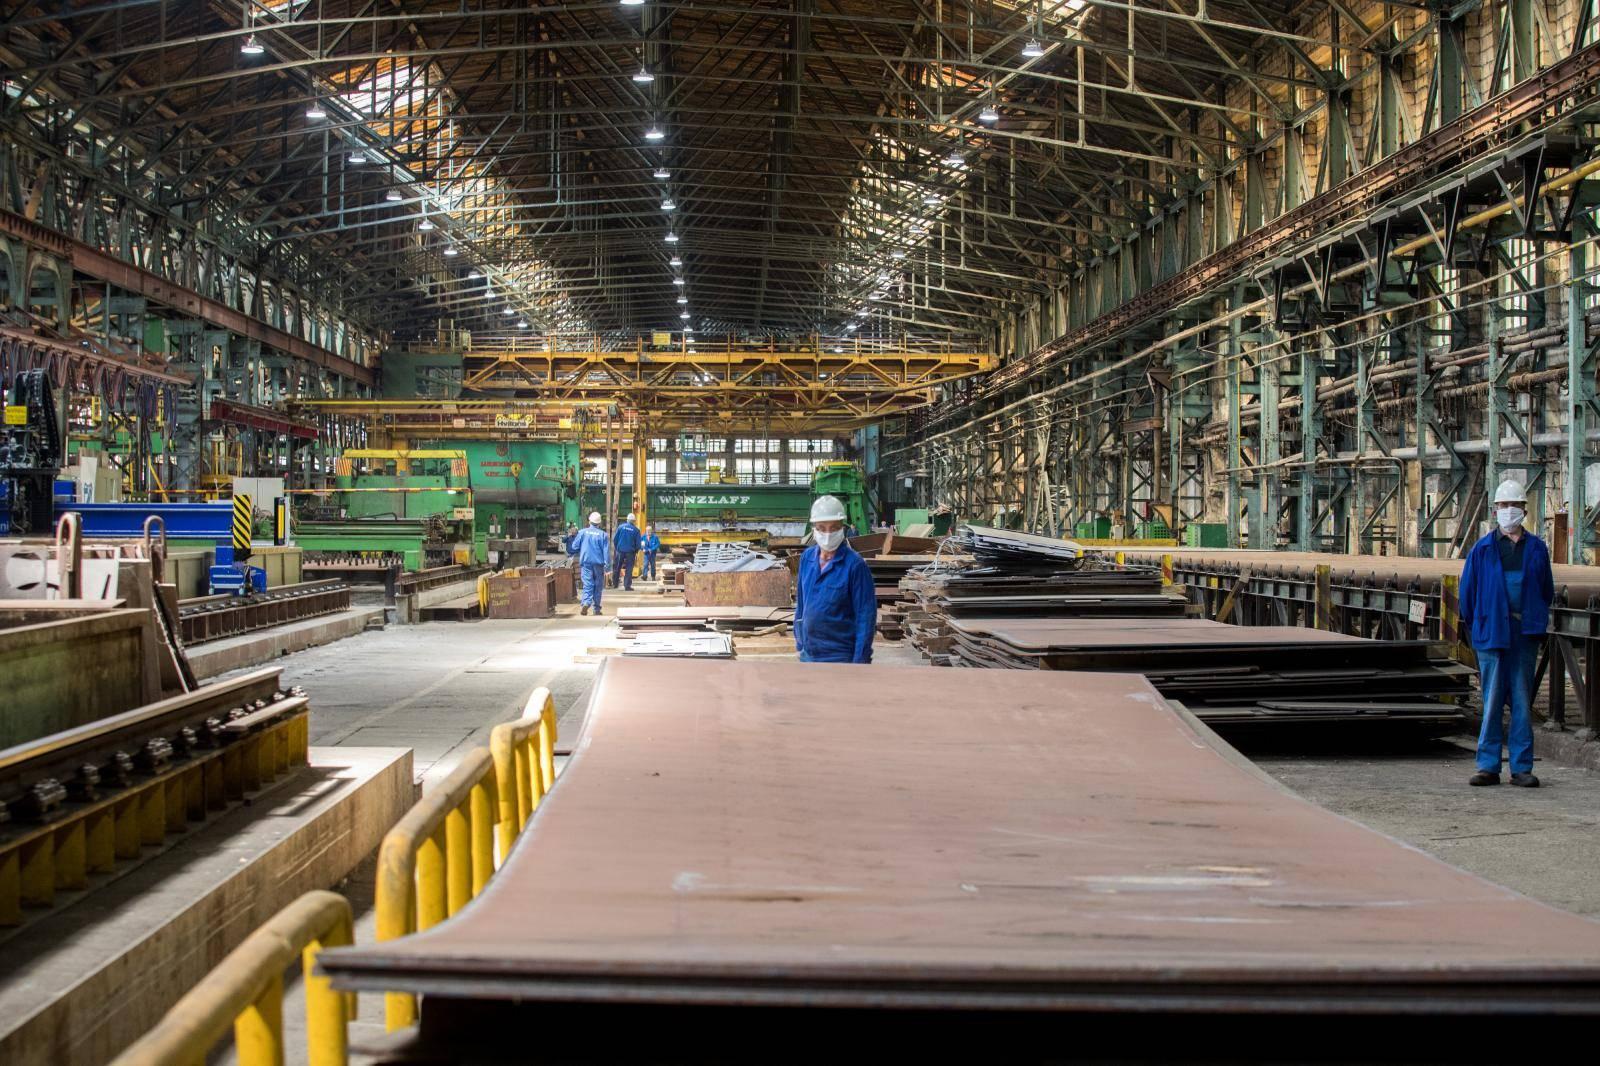 Radnici brodogradilišta 3. Maj tijekom pandemije koronavirusa